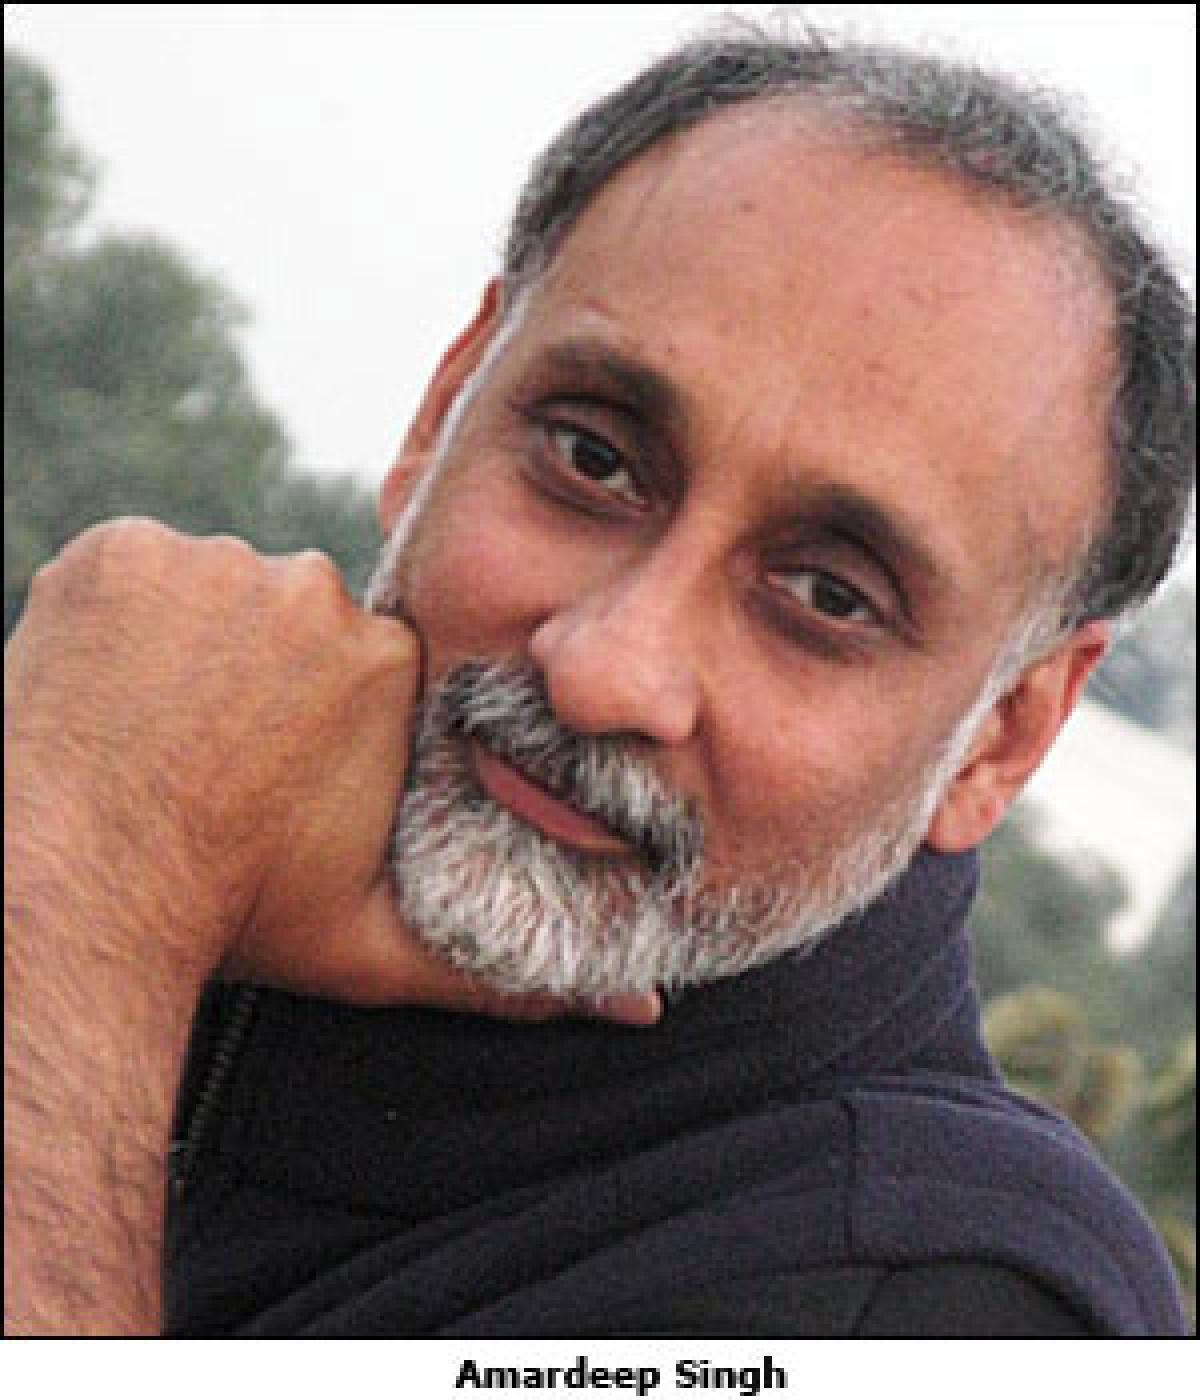 L&K CCO Amardeep Singh quit